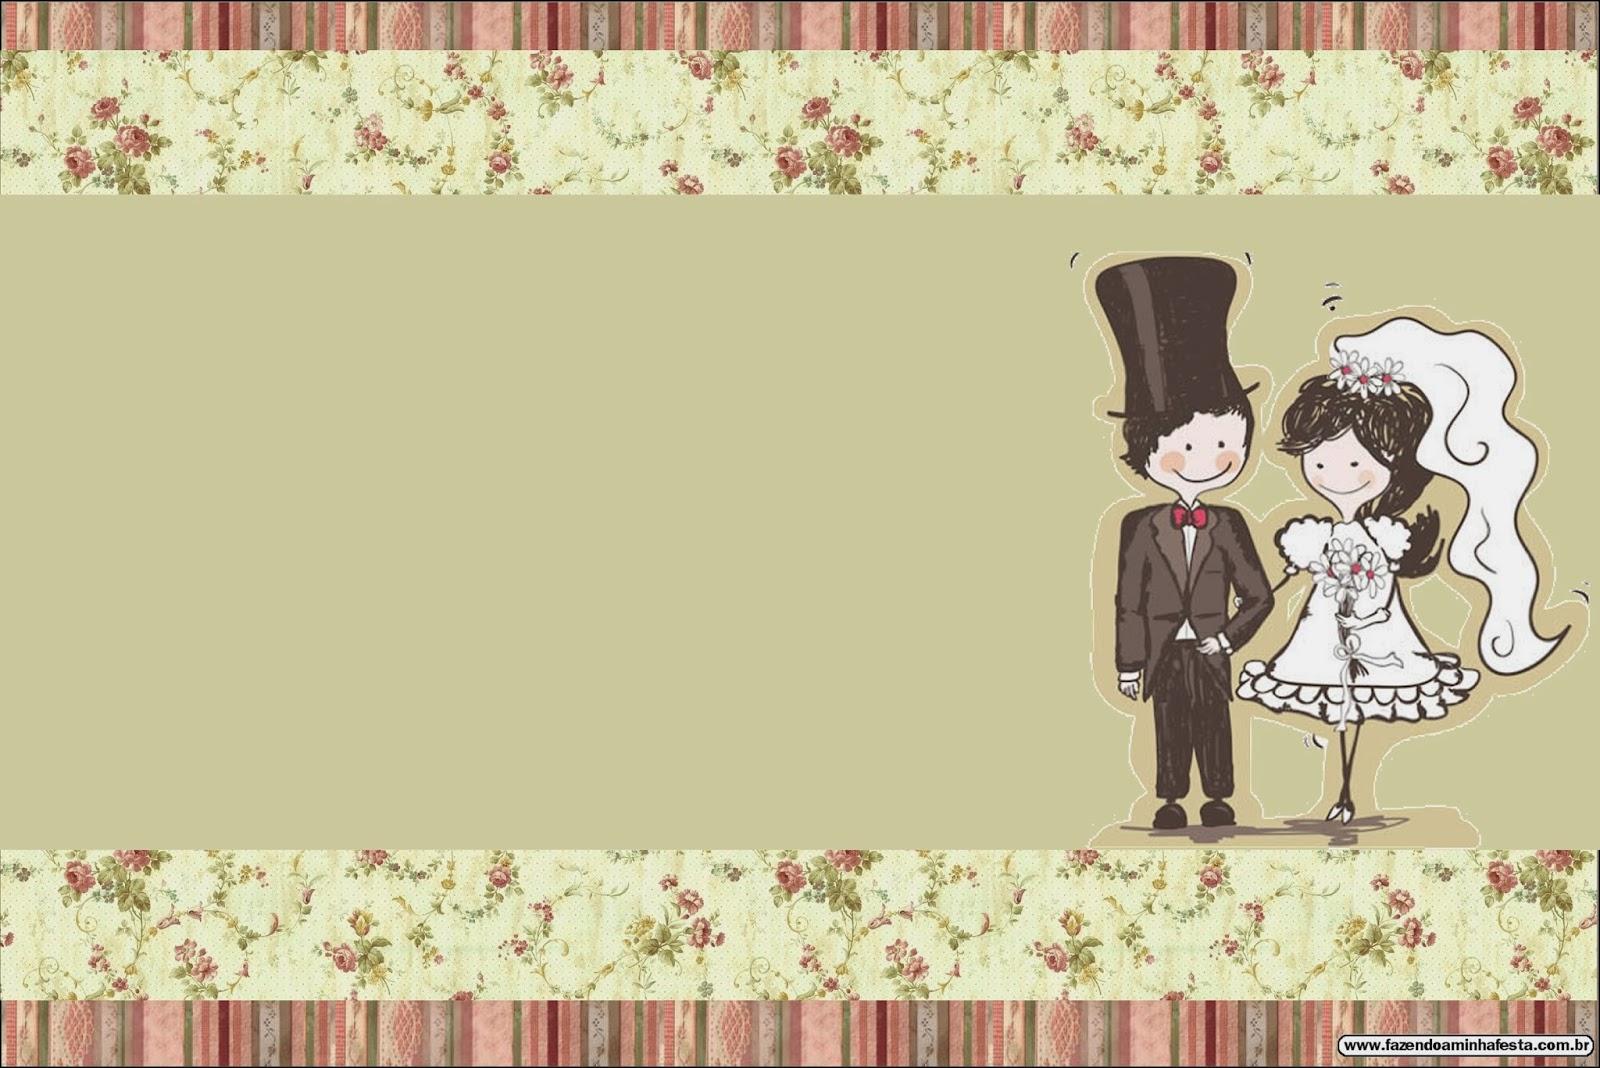 fondos para invitaciones de bodas